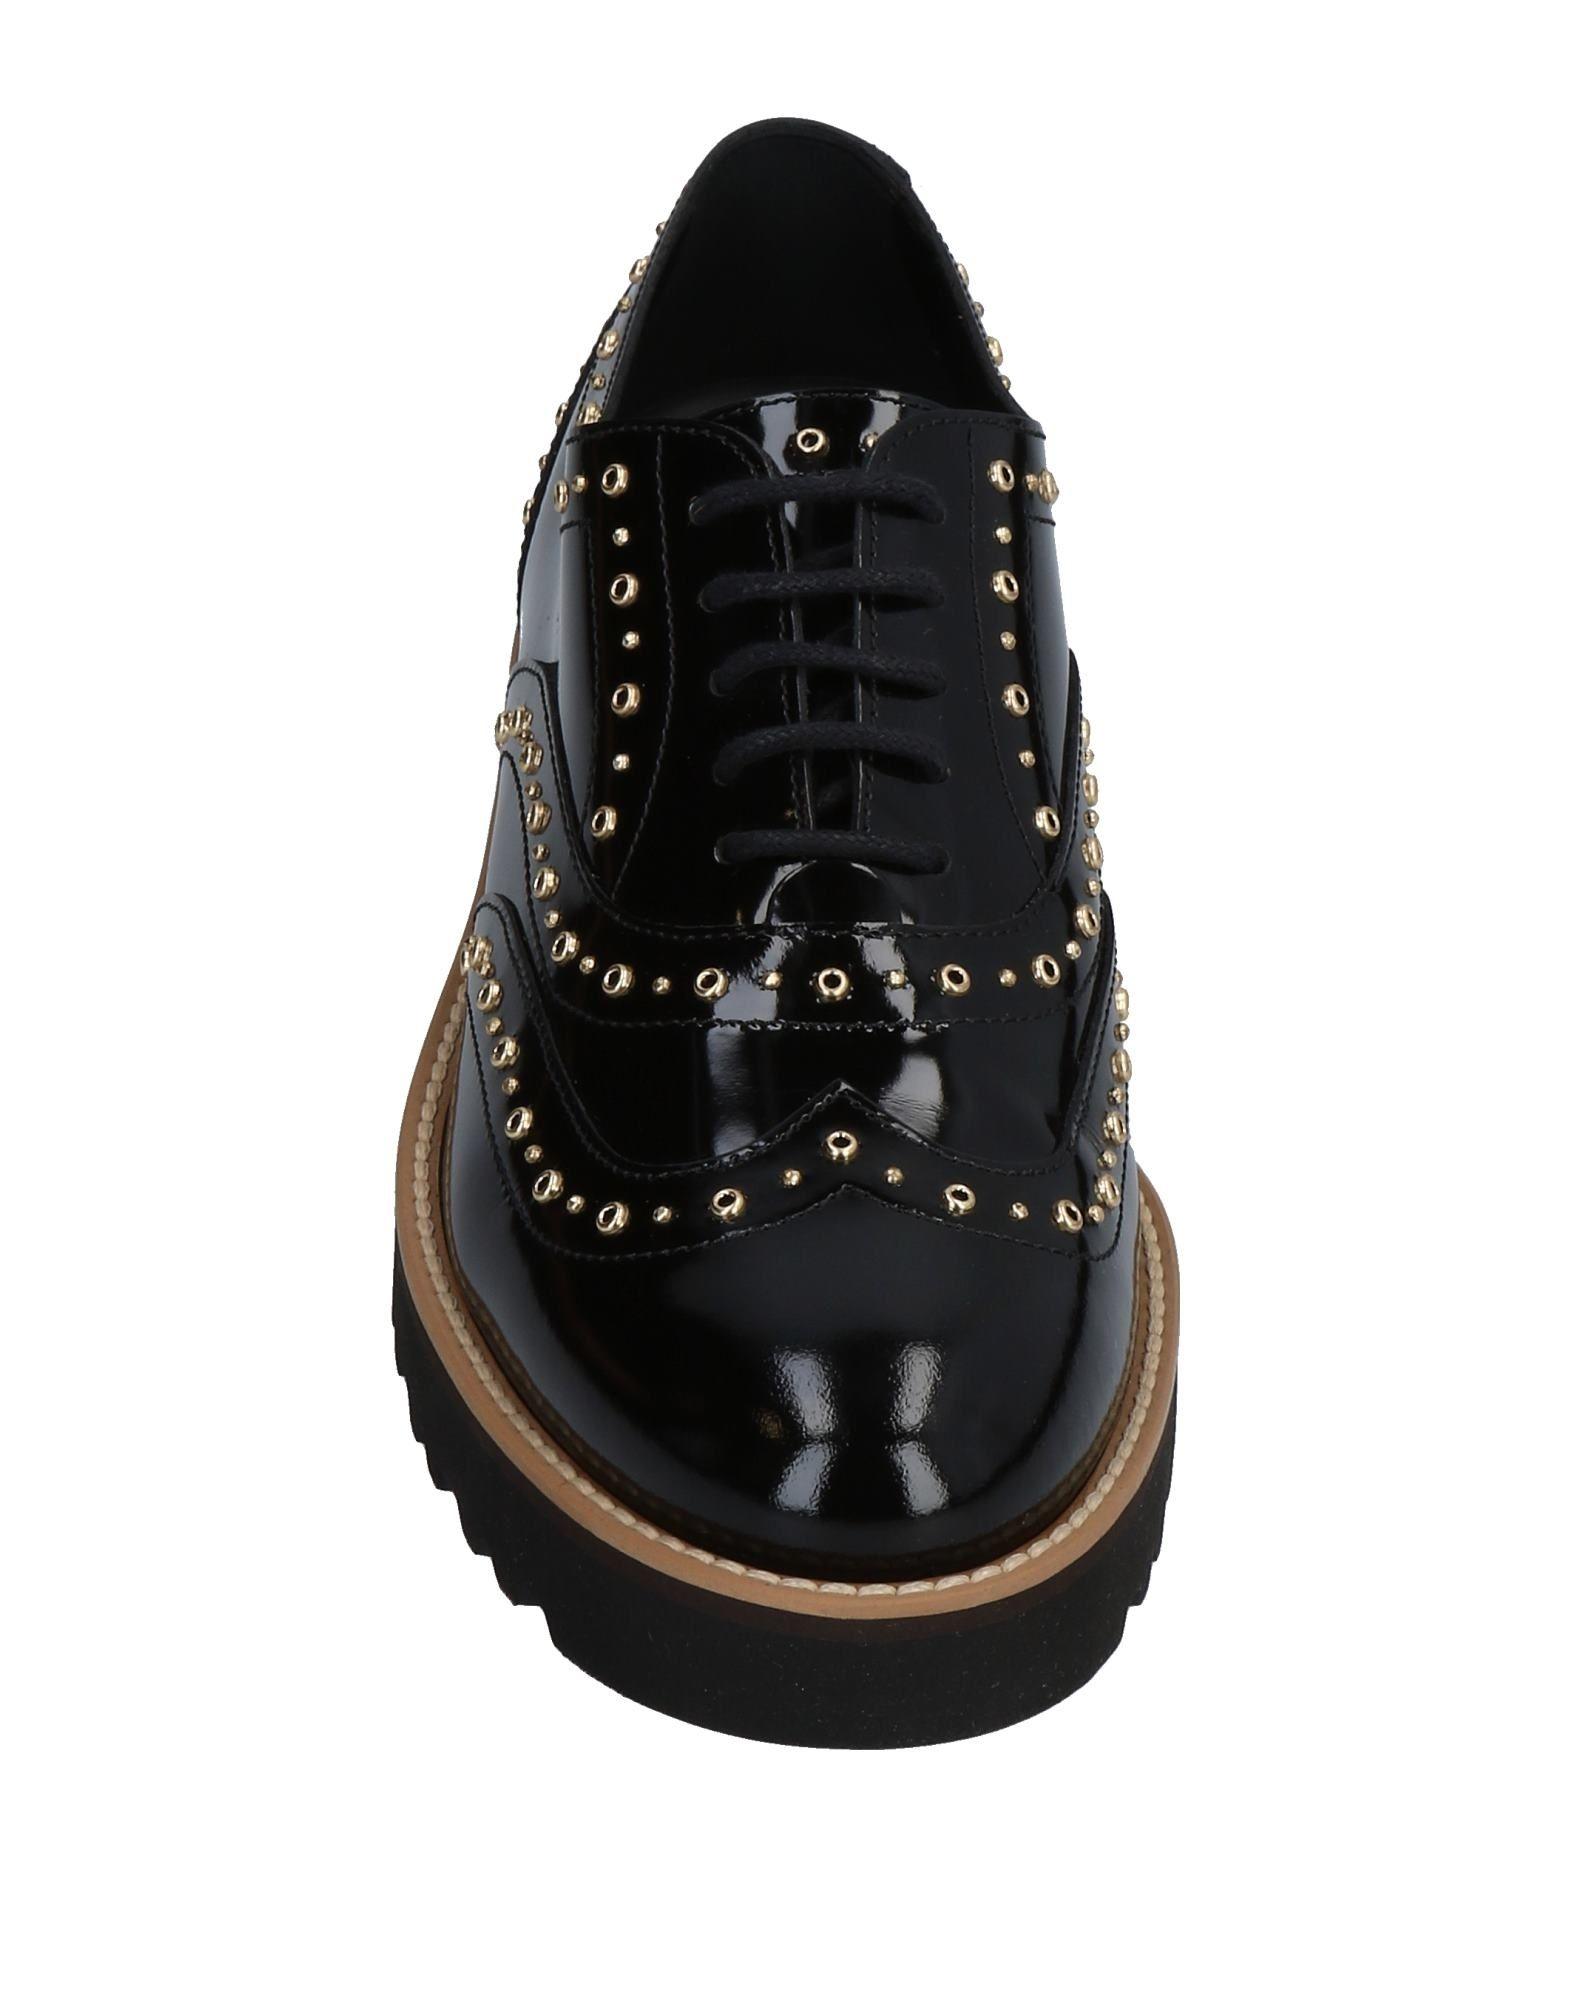 Hogan Schnürschuhe Damen  11467503GTGut aussehende strapazierfähige Schuhe